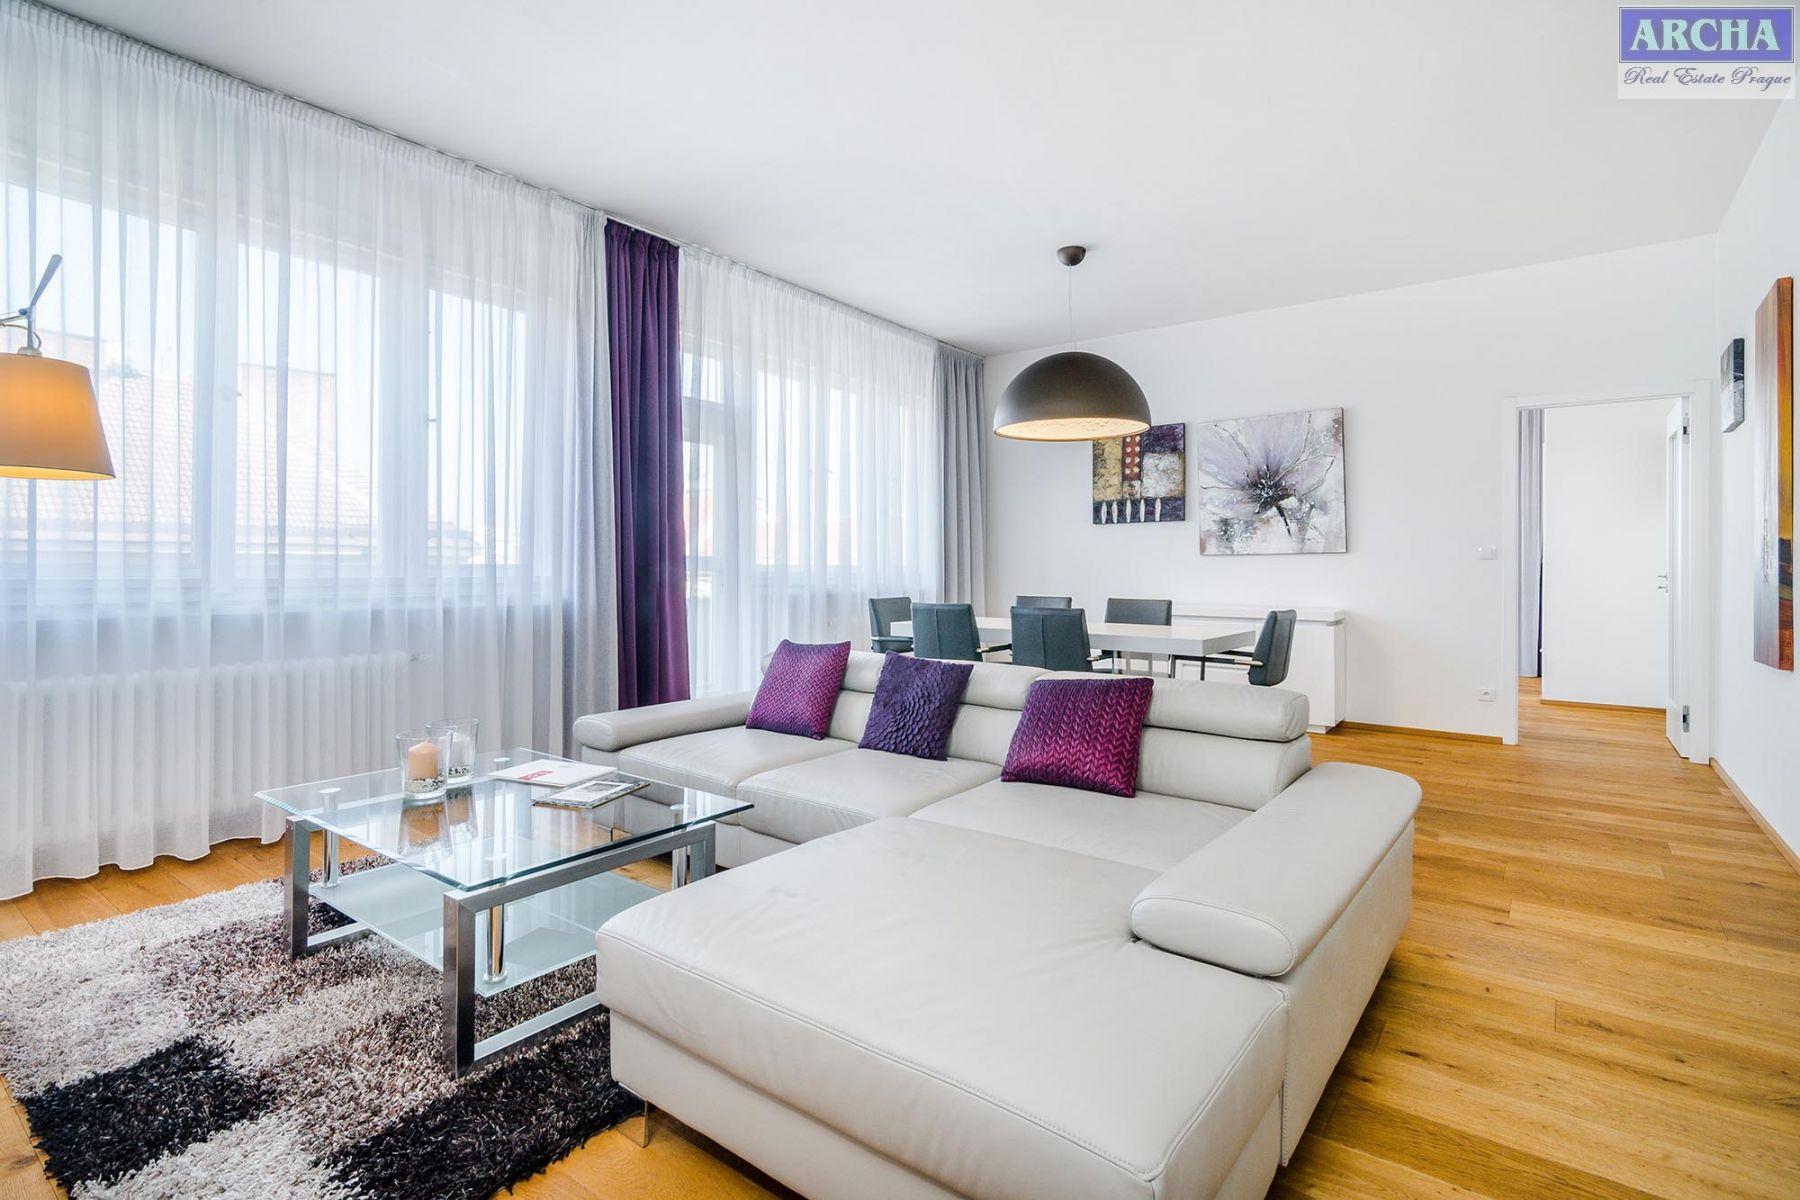 Nájem bytu 3+kk, 115 m2, 2x terasa, 7.NP, Jičínská, Praha 3 Vinohrady